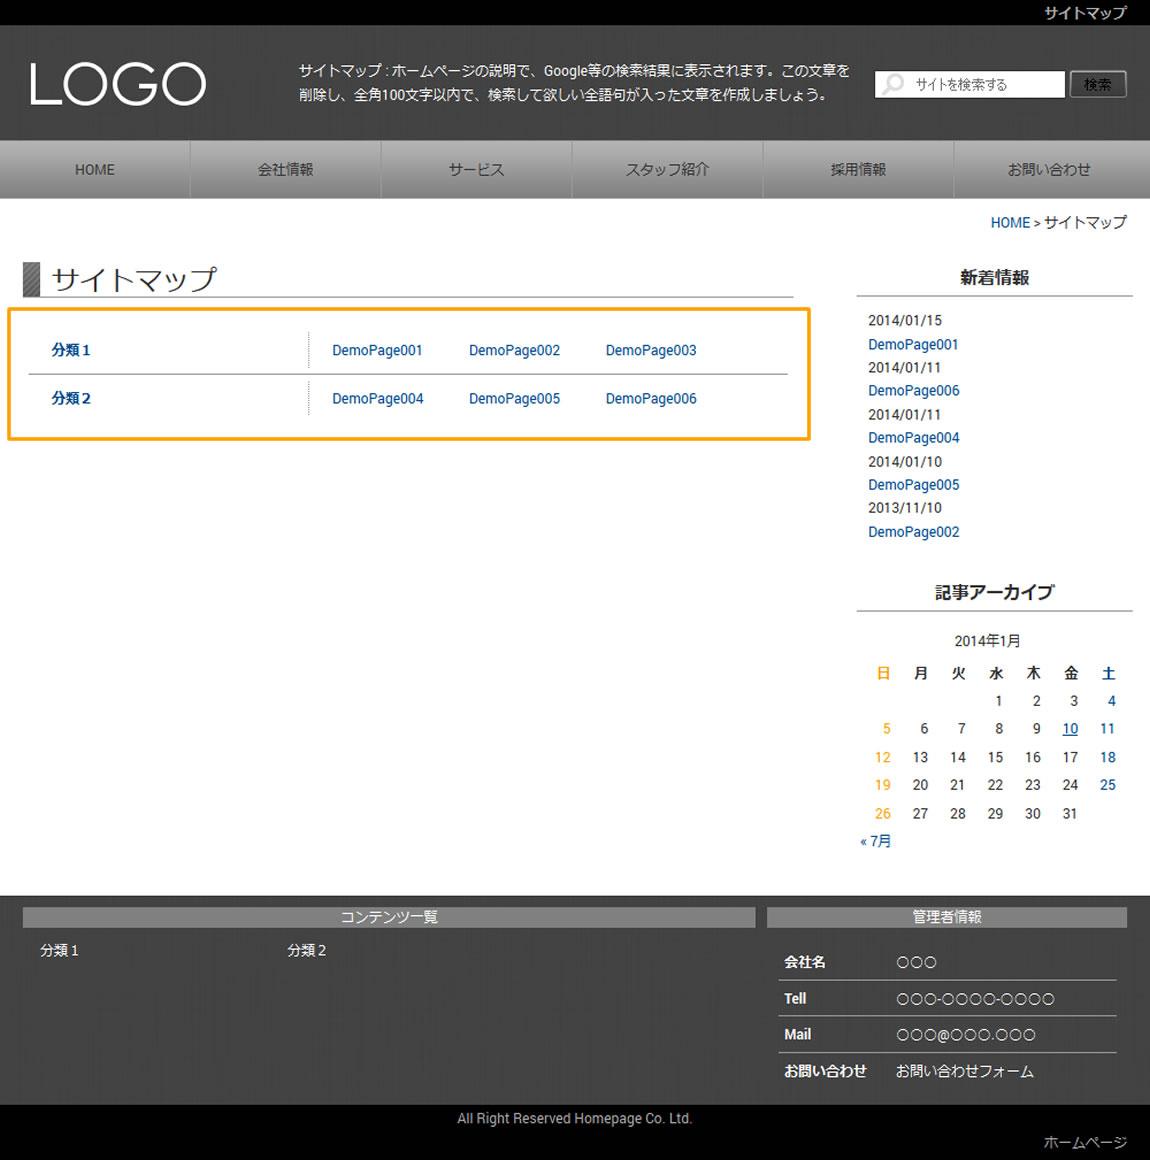 CSSマニュアル:表形式レイアウト項目[サイトマップ] - FunMaker[ファンメイカー]